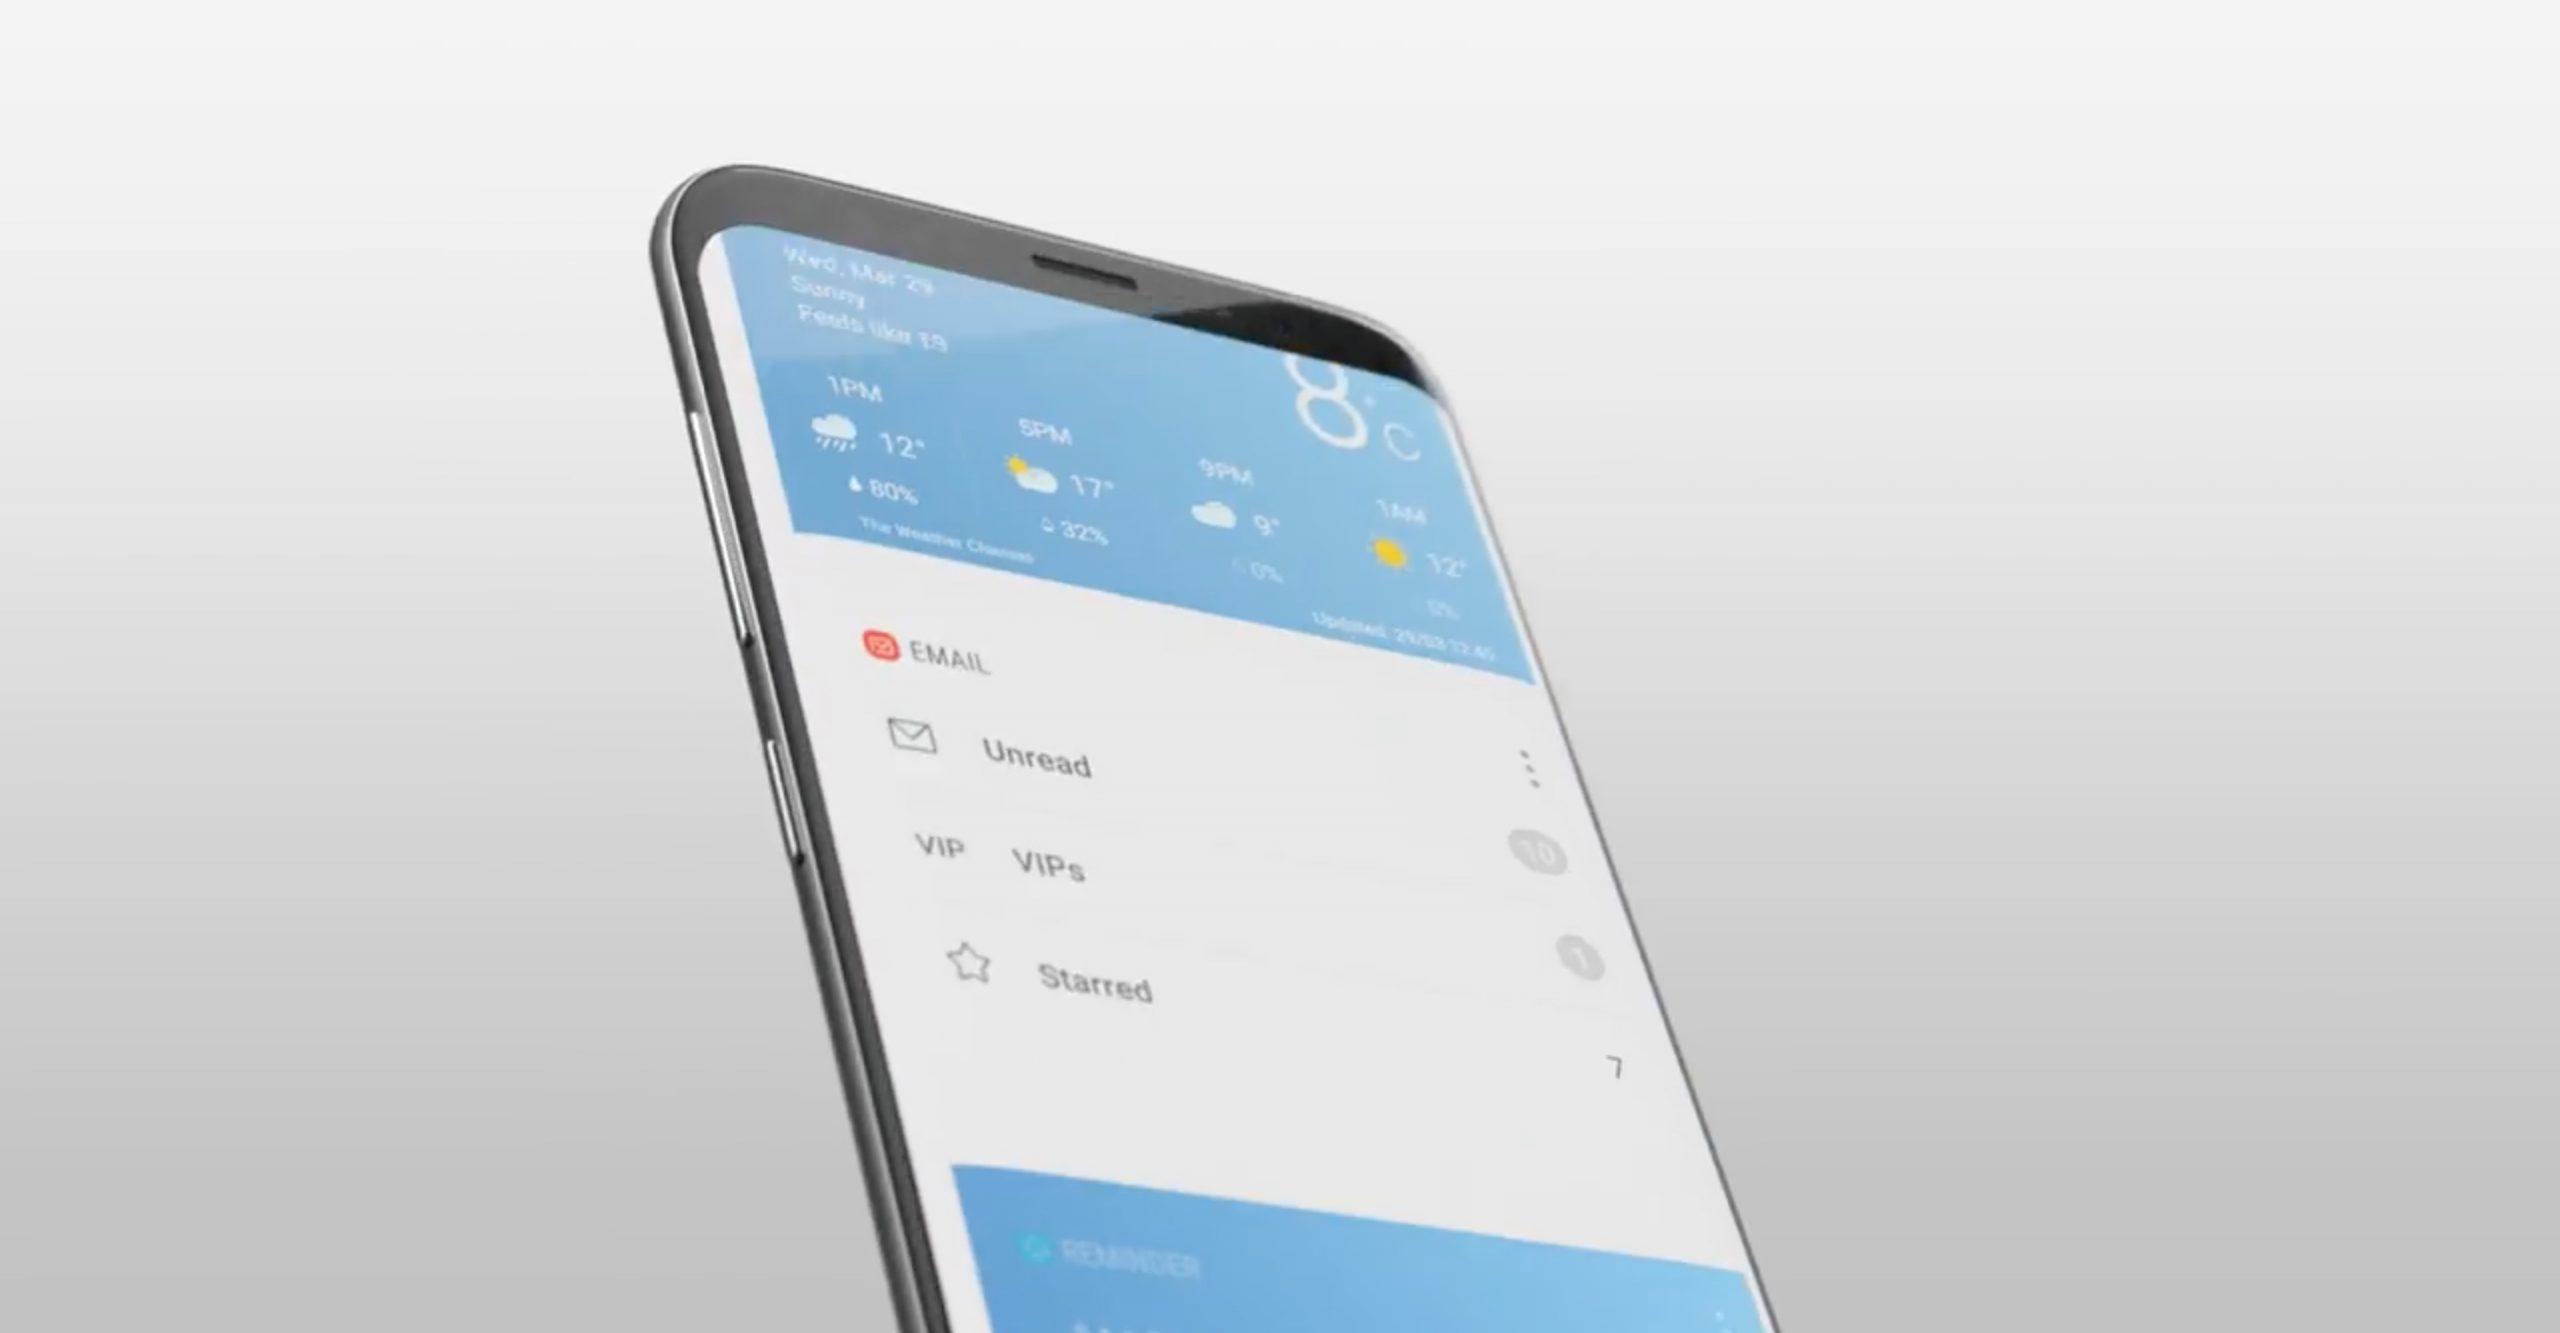 Duzu Galaxy S8 edo Oharra 8?  Eman 10 Androiderako itxaropena